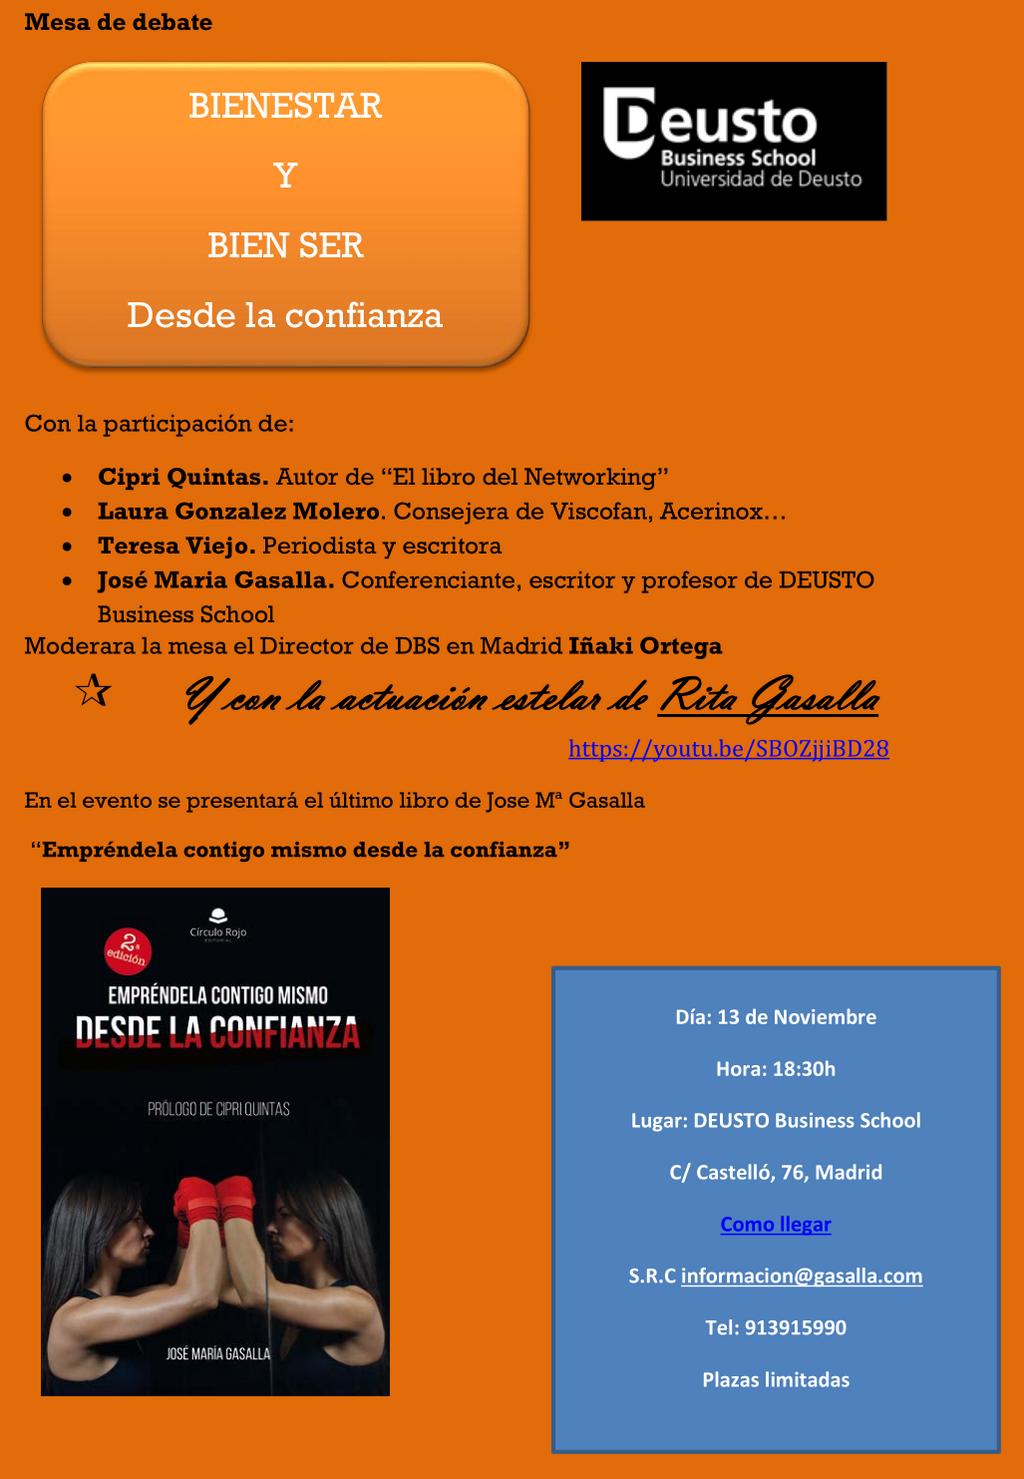 Invitacion-13-de-Noviembre-full